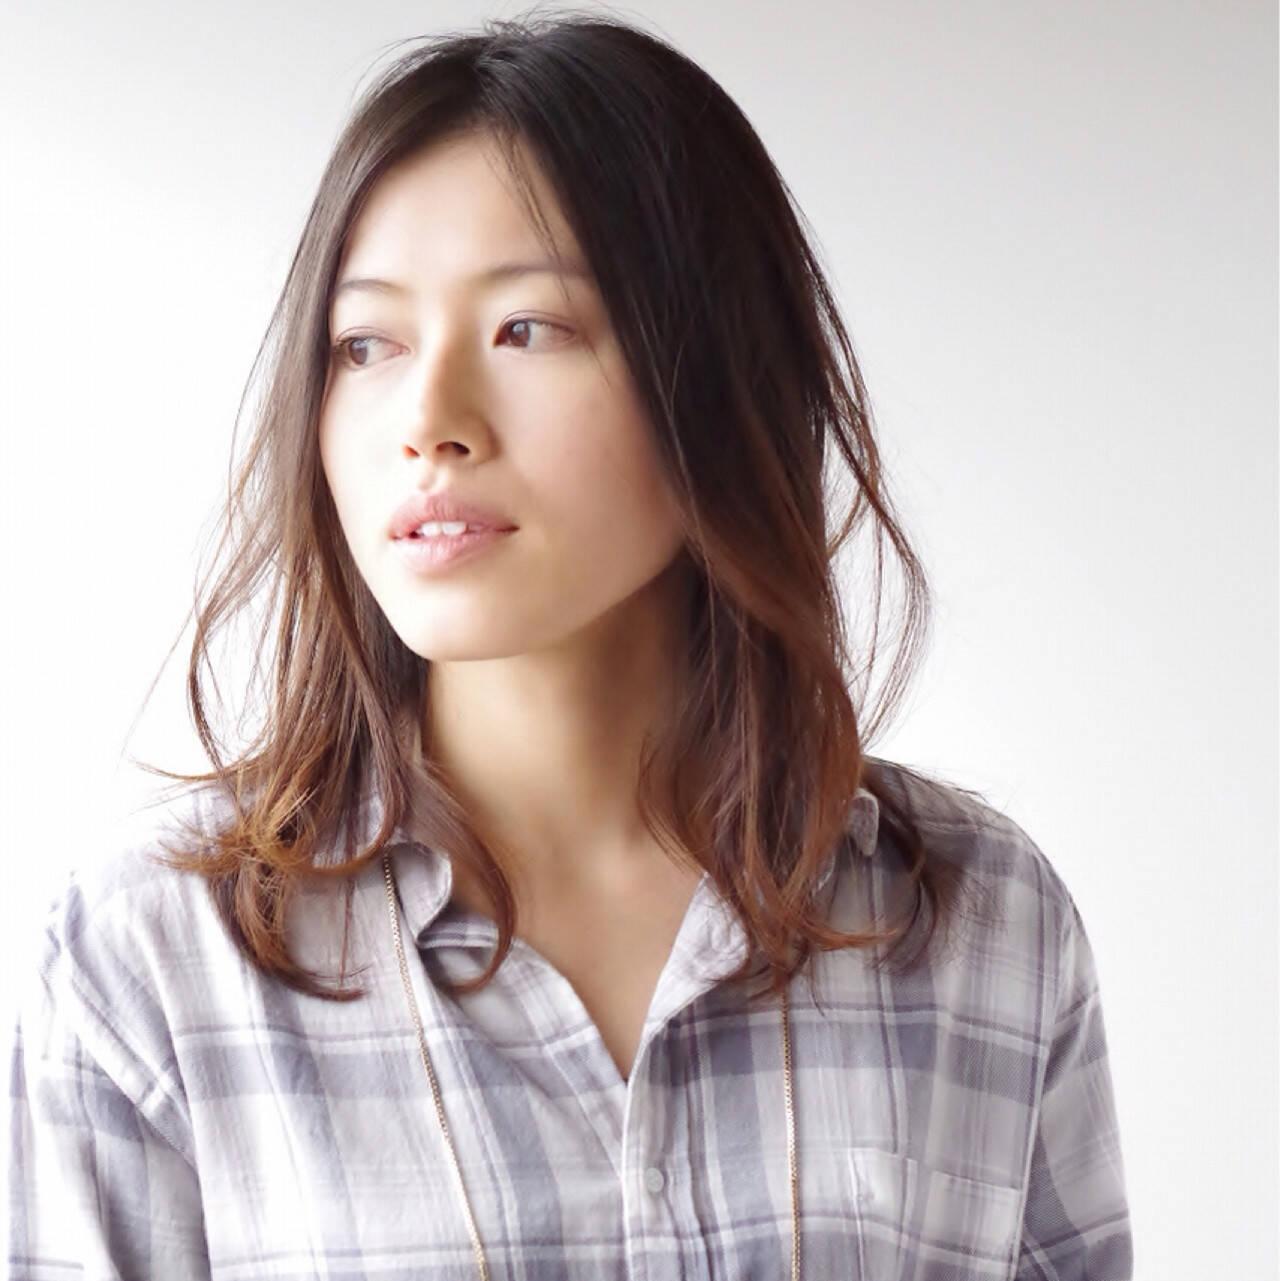 前髪なし センター分け ミディアム センターパートヘアスタイルや髪型の写真・画像